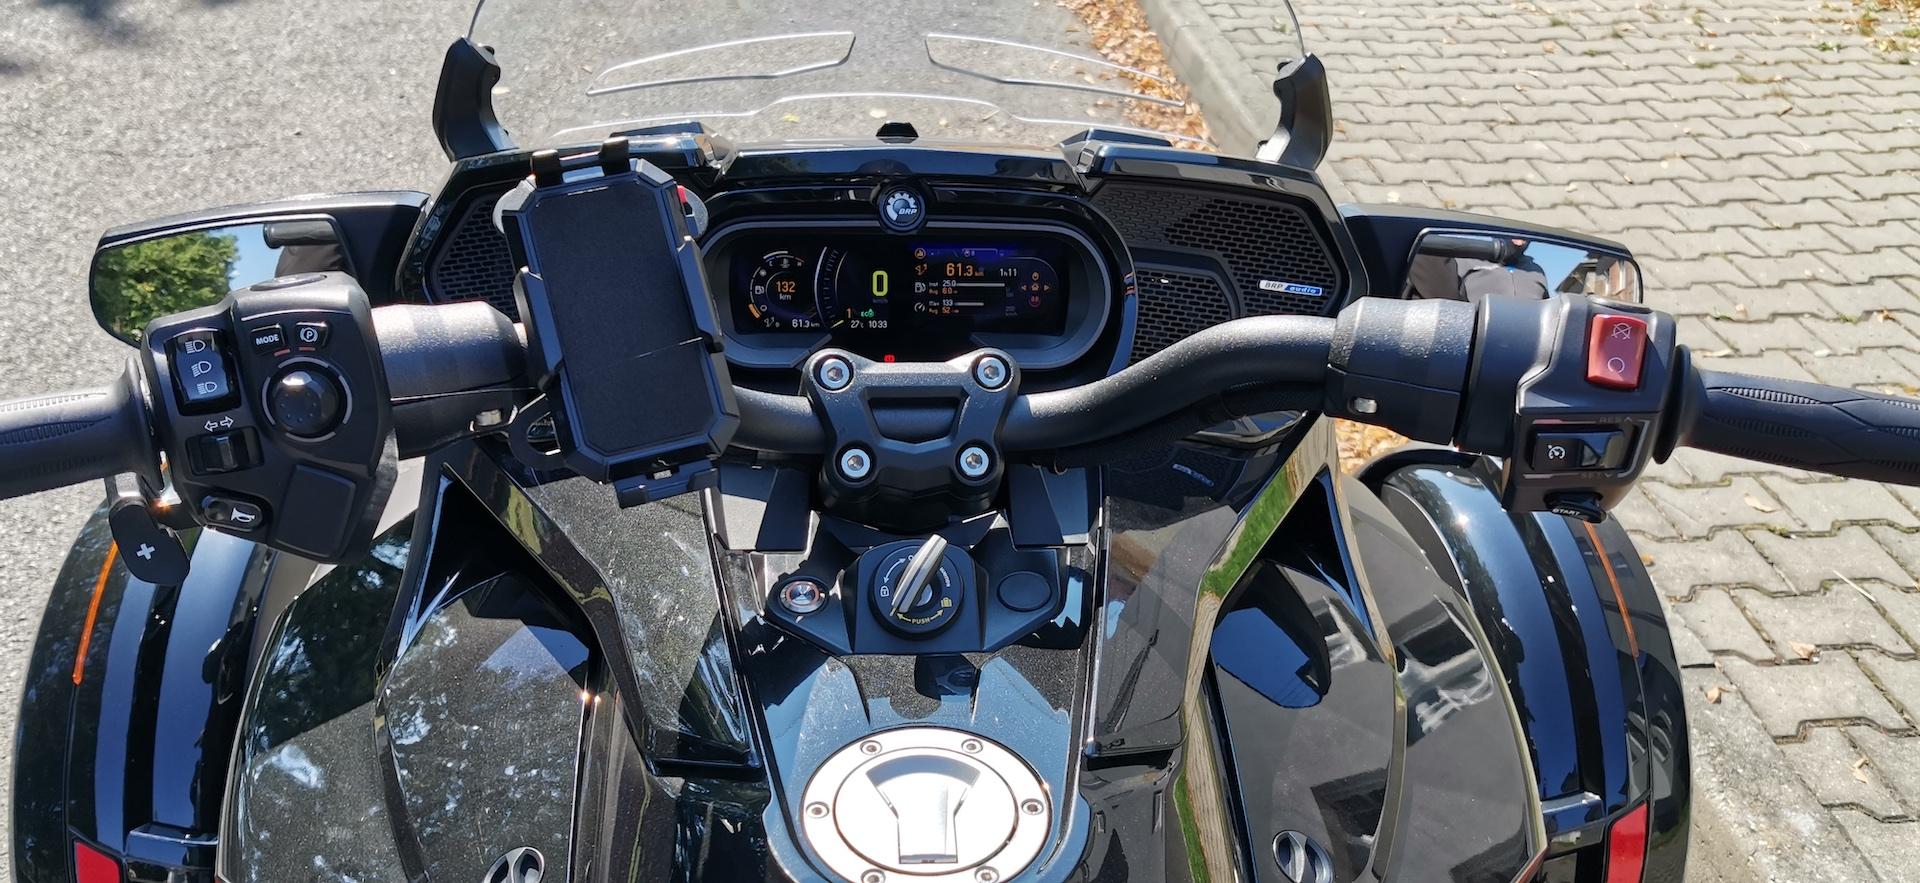 Cam-Am Spyder F3-LTD ACE 1330, pohled řidiče